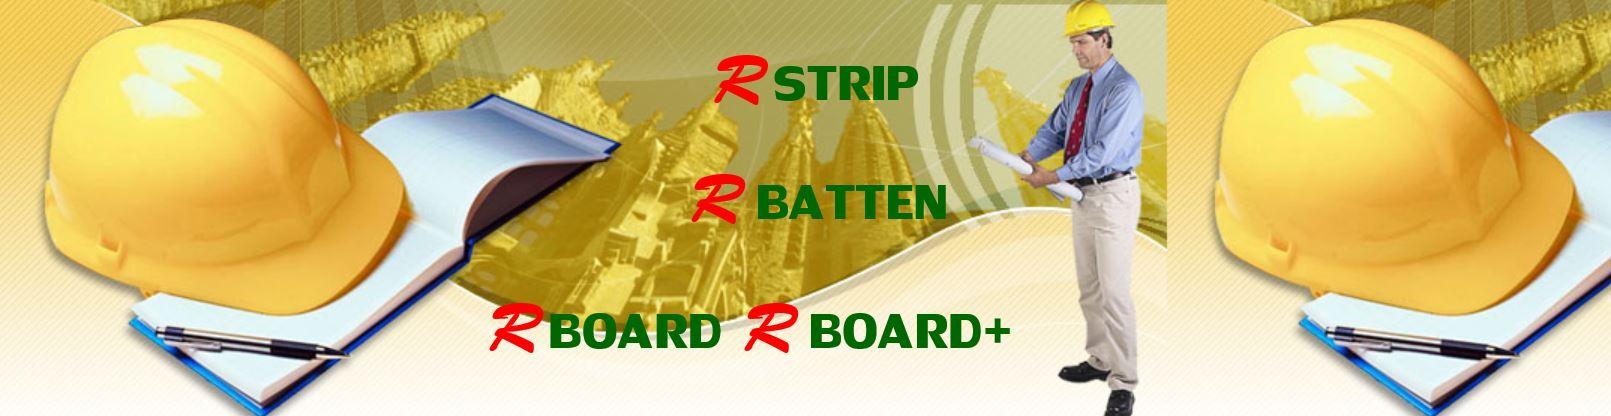 rboard logo